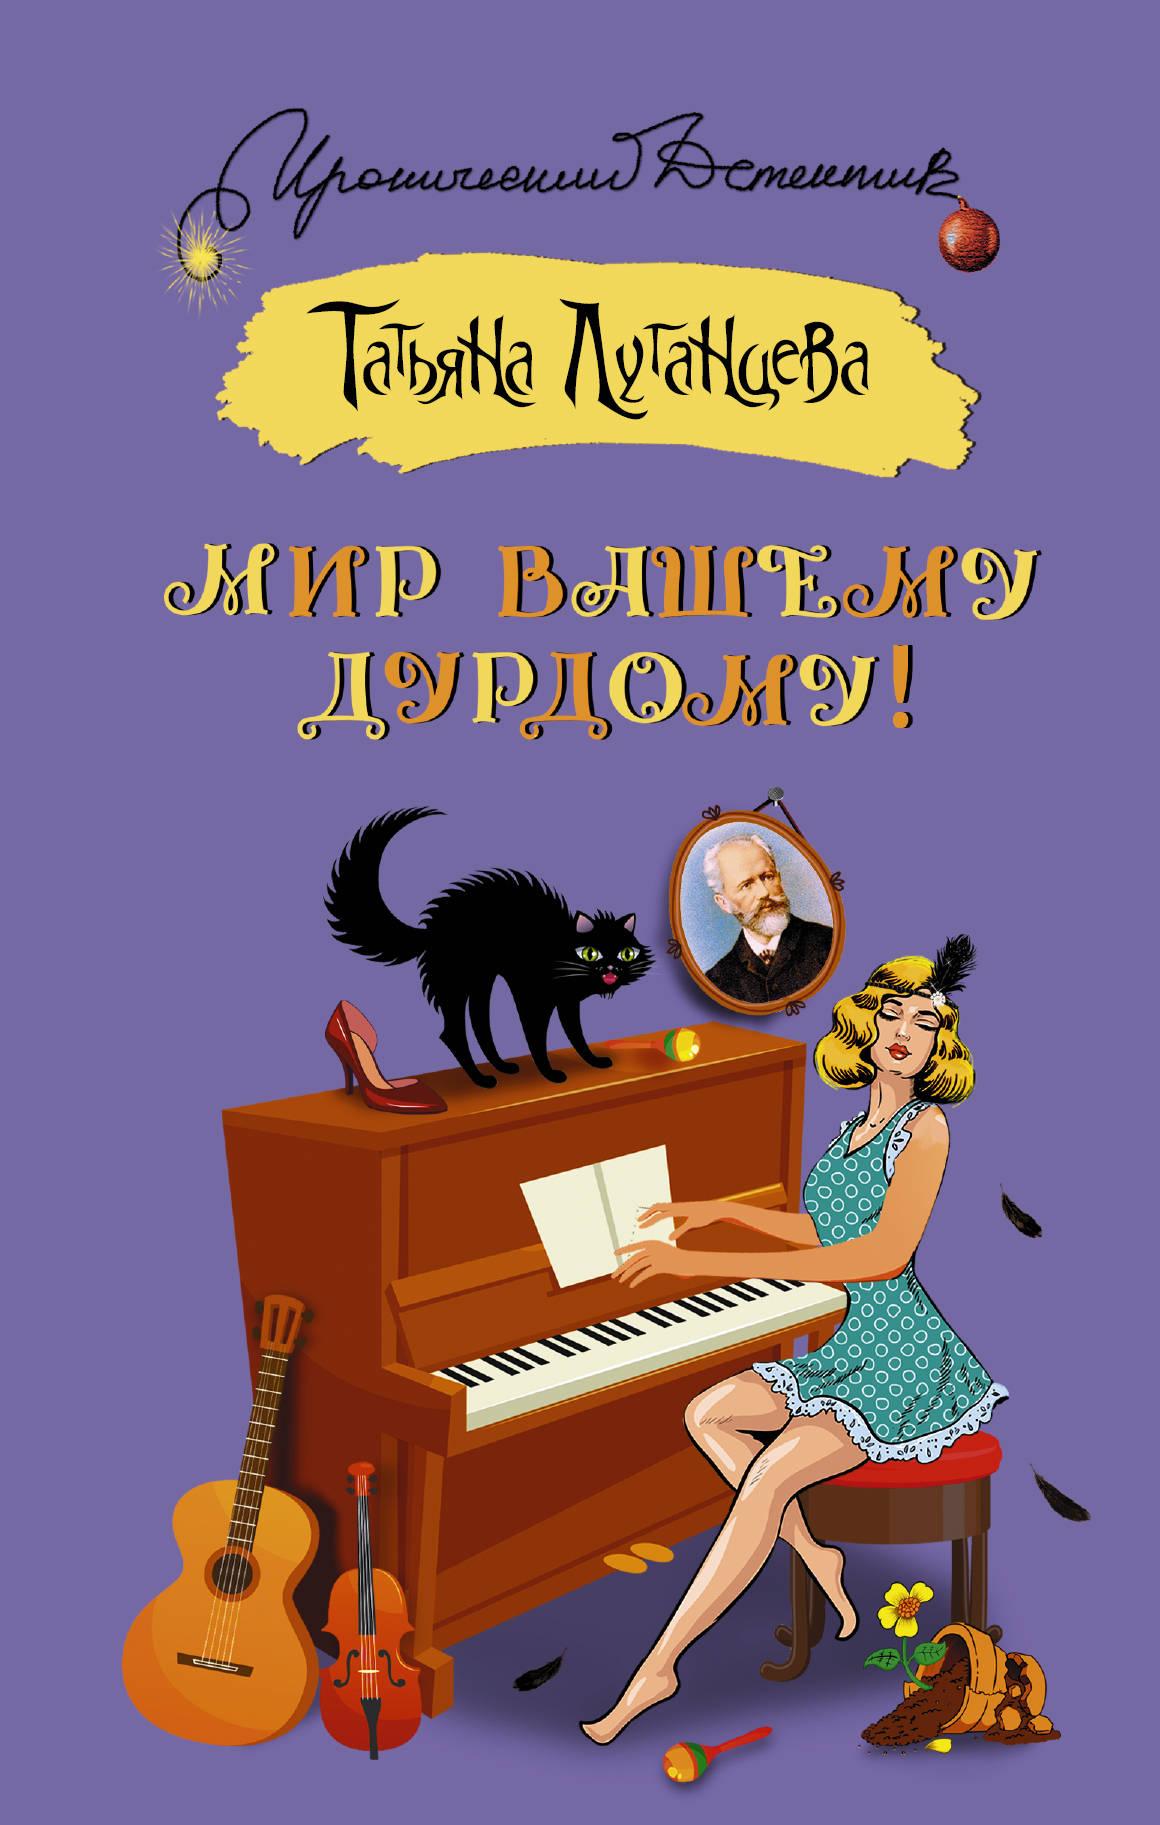 Татьяна Луганцева Мир вашему дурдому! эксмо поцелуй вверх тормашками развод за одну ночь